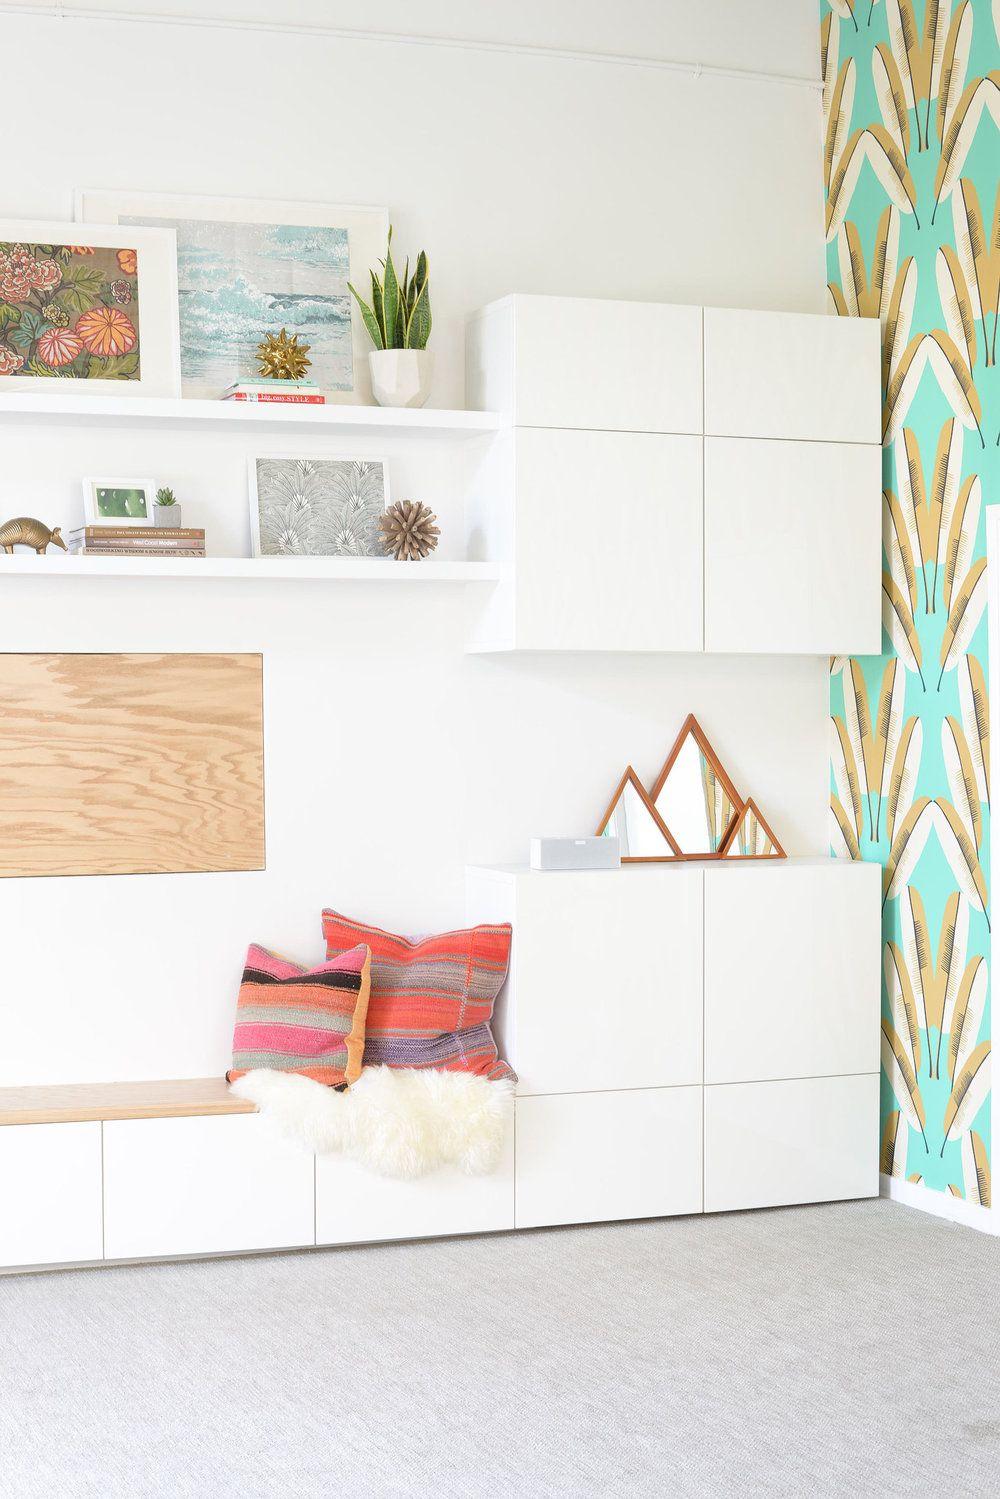 besta wohnwand wohn esszimmer pinterest wohnzimmer kinderzimmer und flure. Black Bedroom Furniture Sets. Home Design Ideas